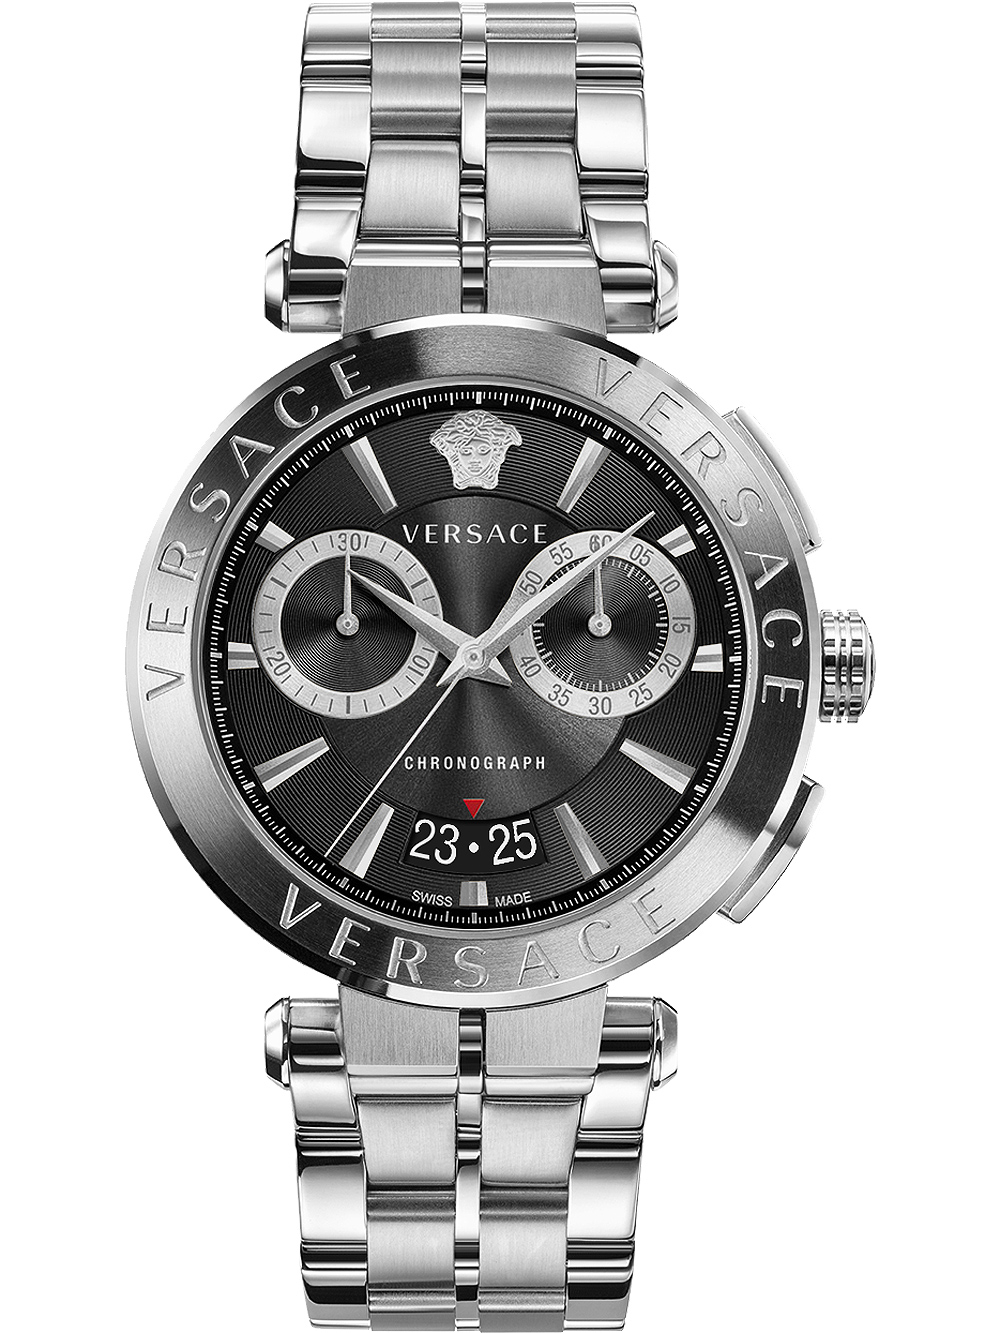 Versace VE1D01520 Aion Chronograph 45mm 5ATM